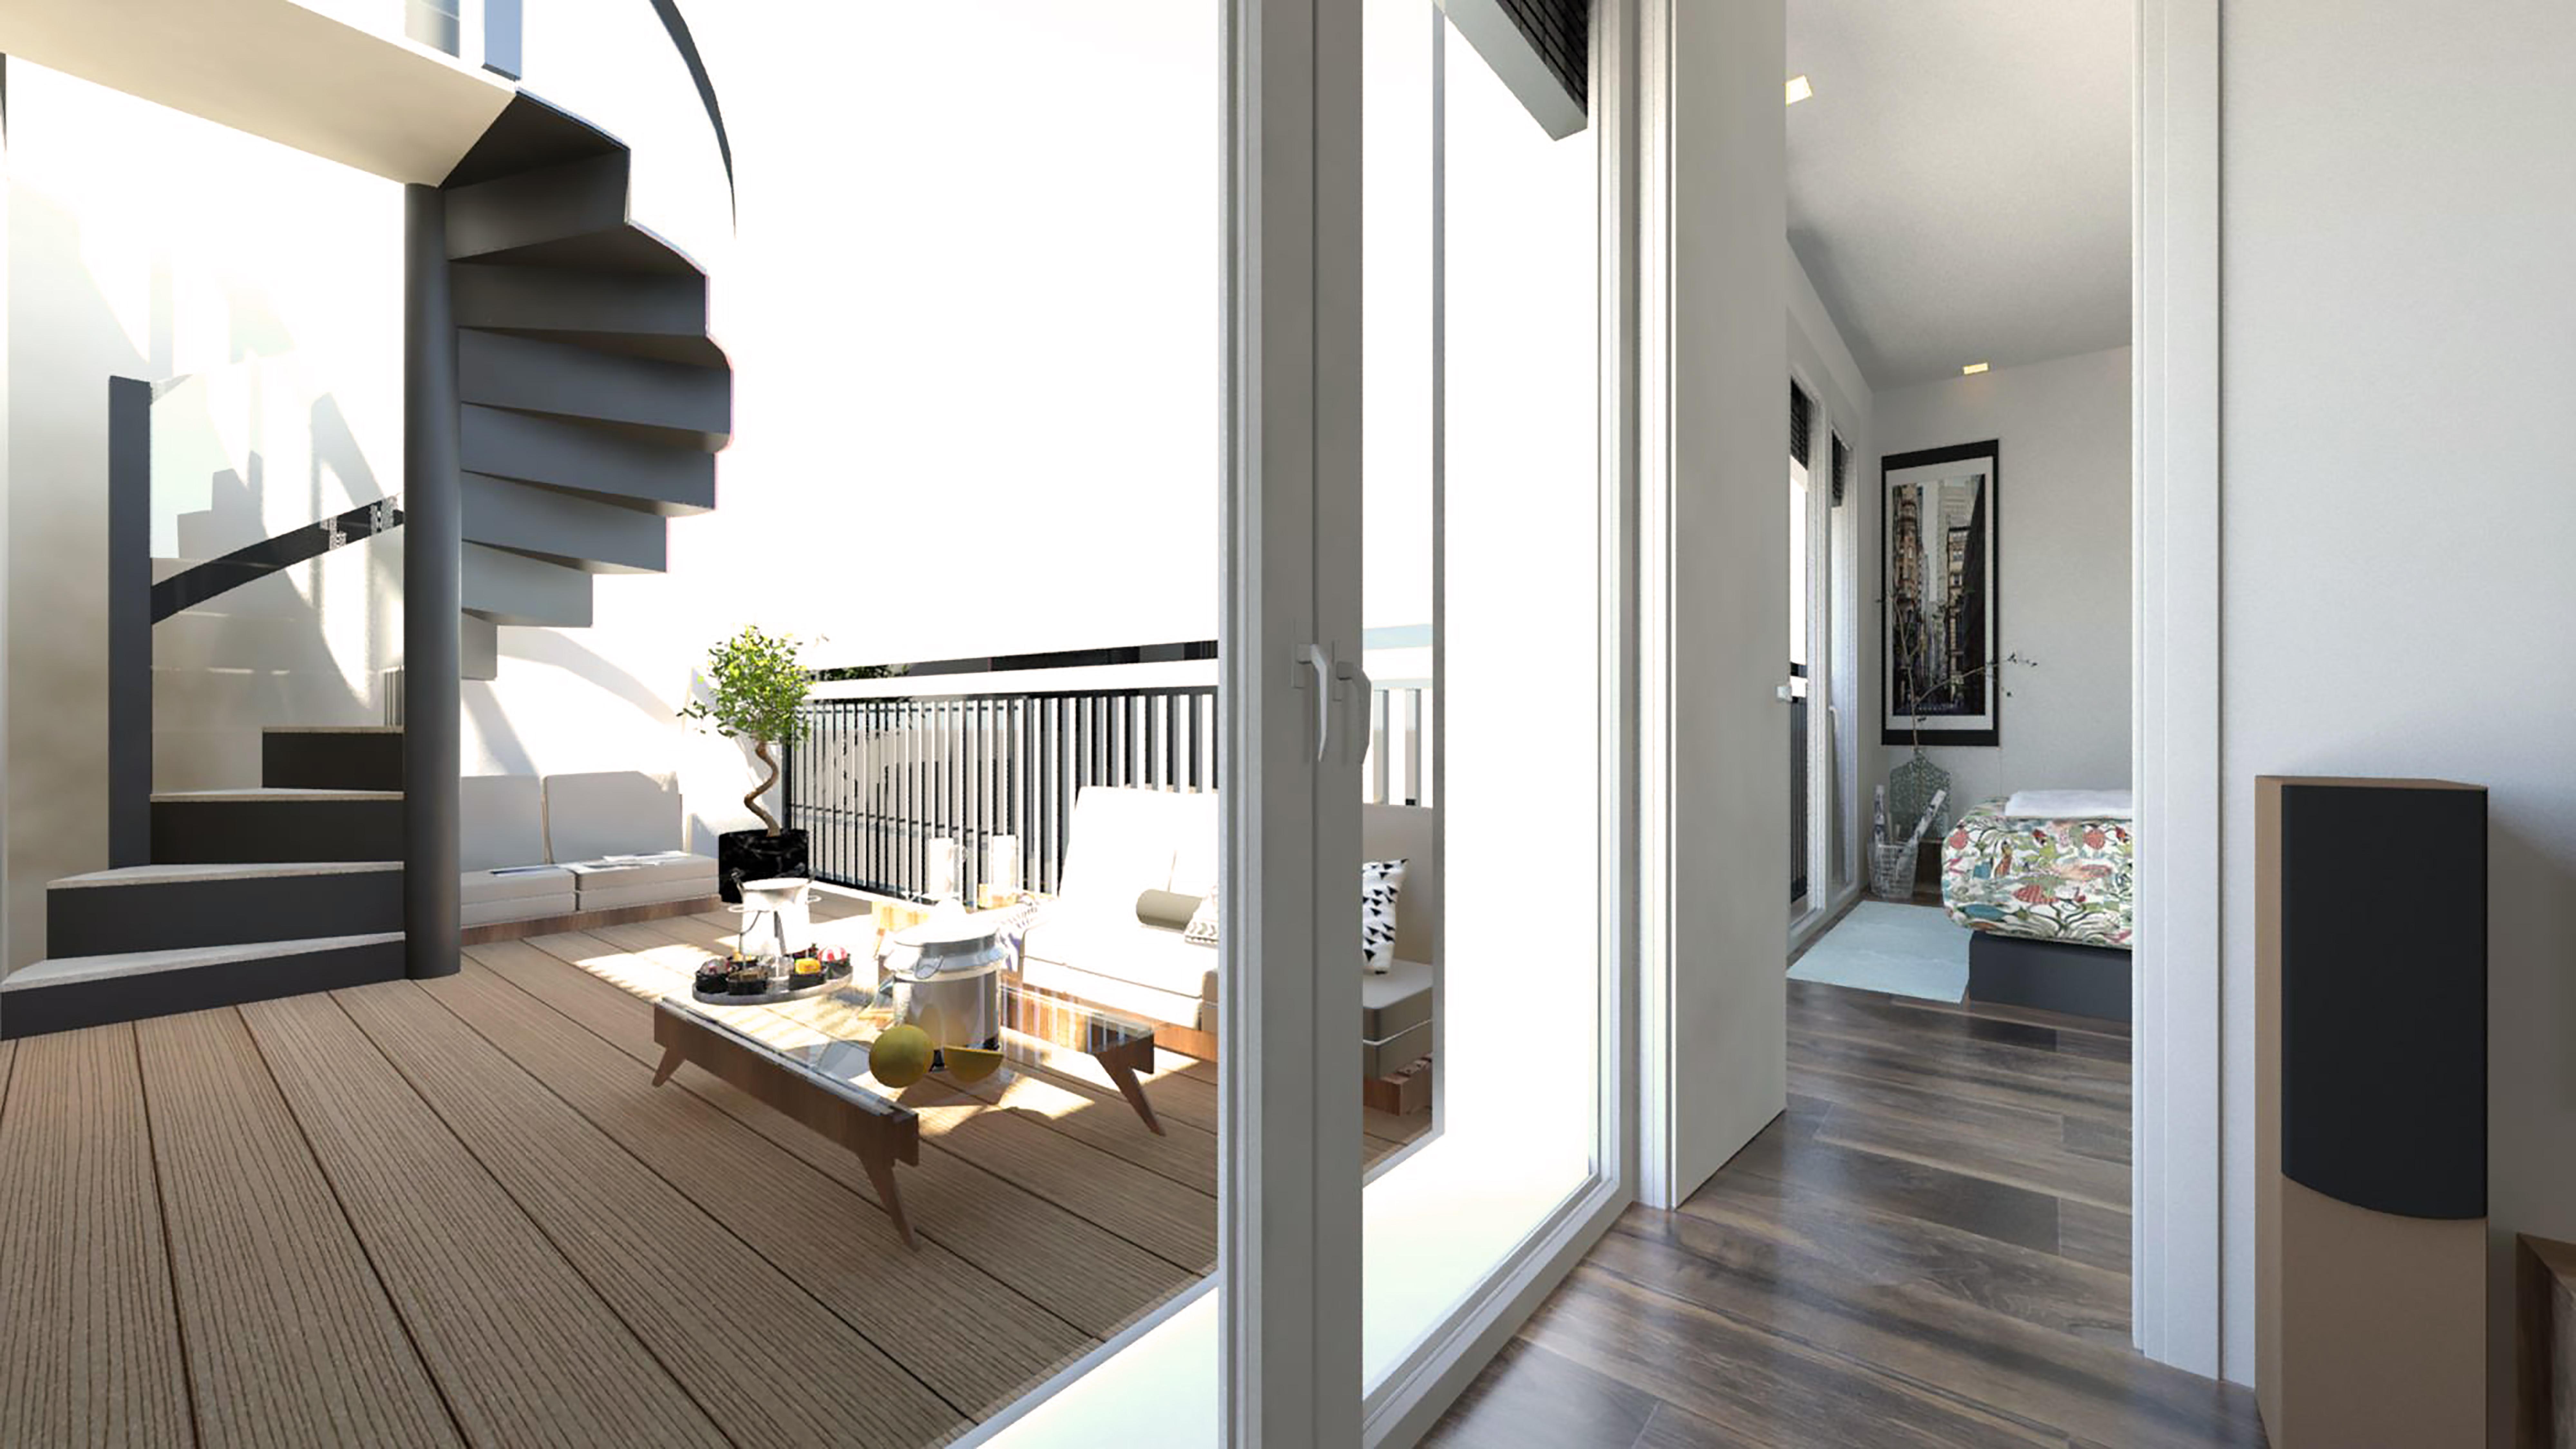 3d Atico Interior Luxury Home Portafolio Ximena